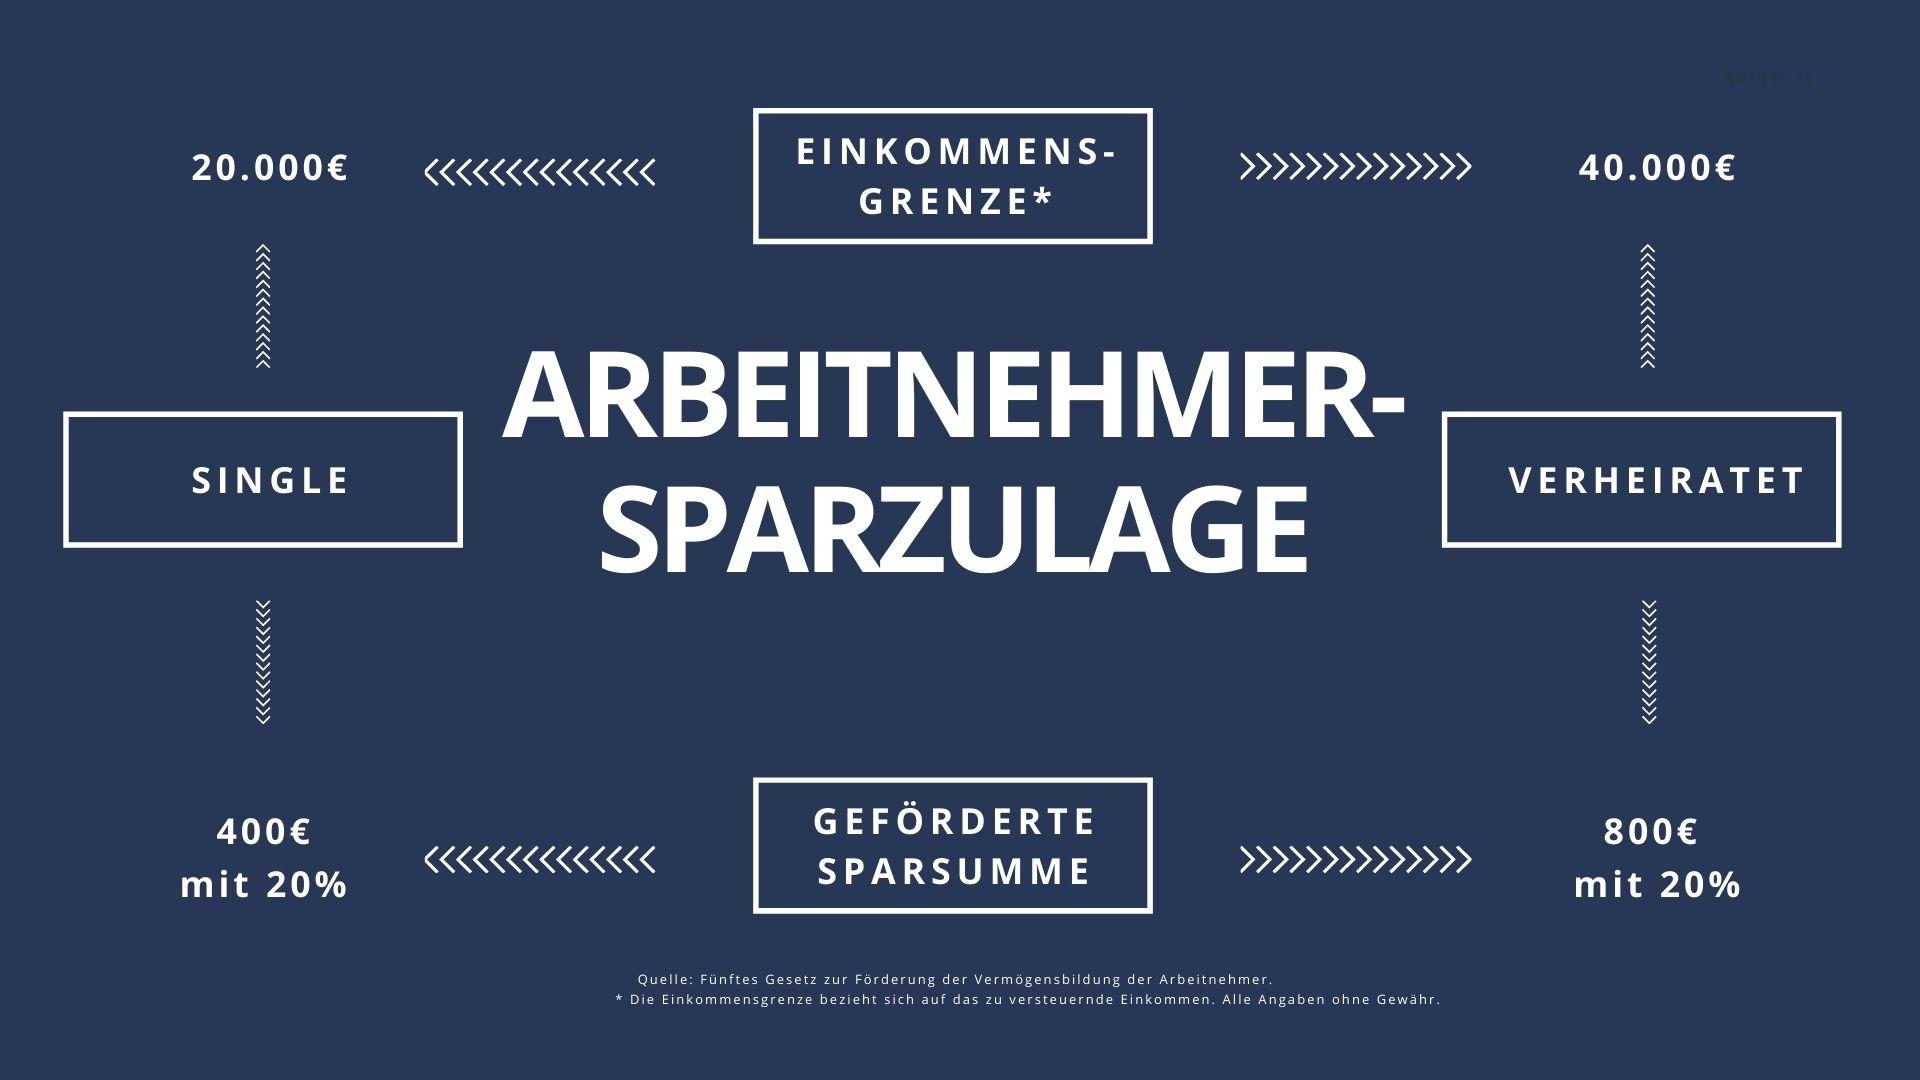 Arbeitnehmersparzulage Fonds-ETFs, Vermögenswirksame Leistungen Saarland